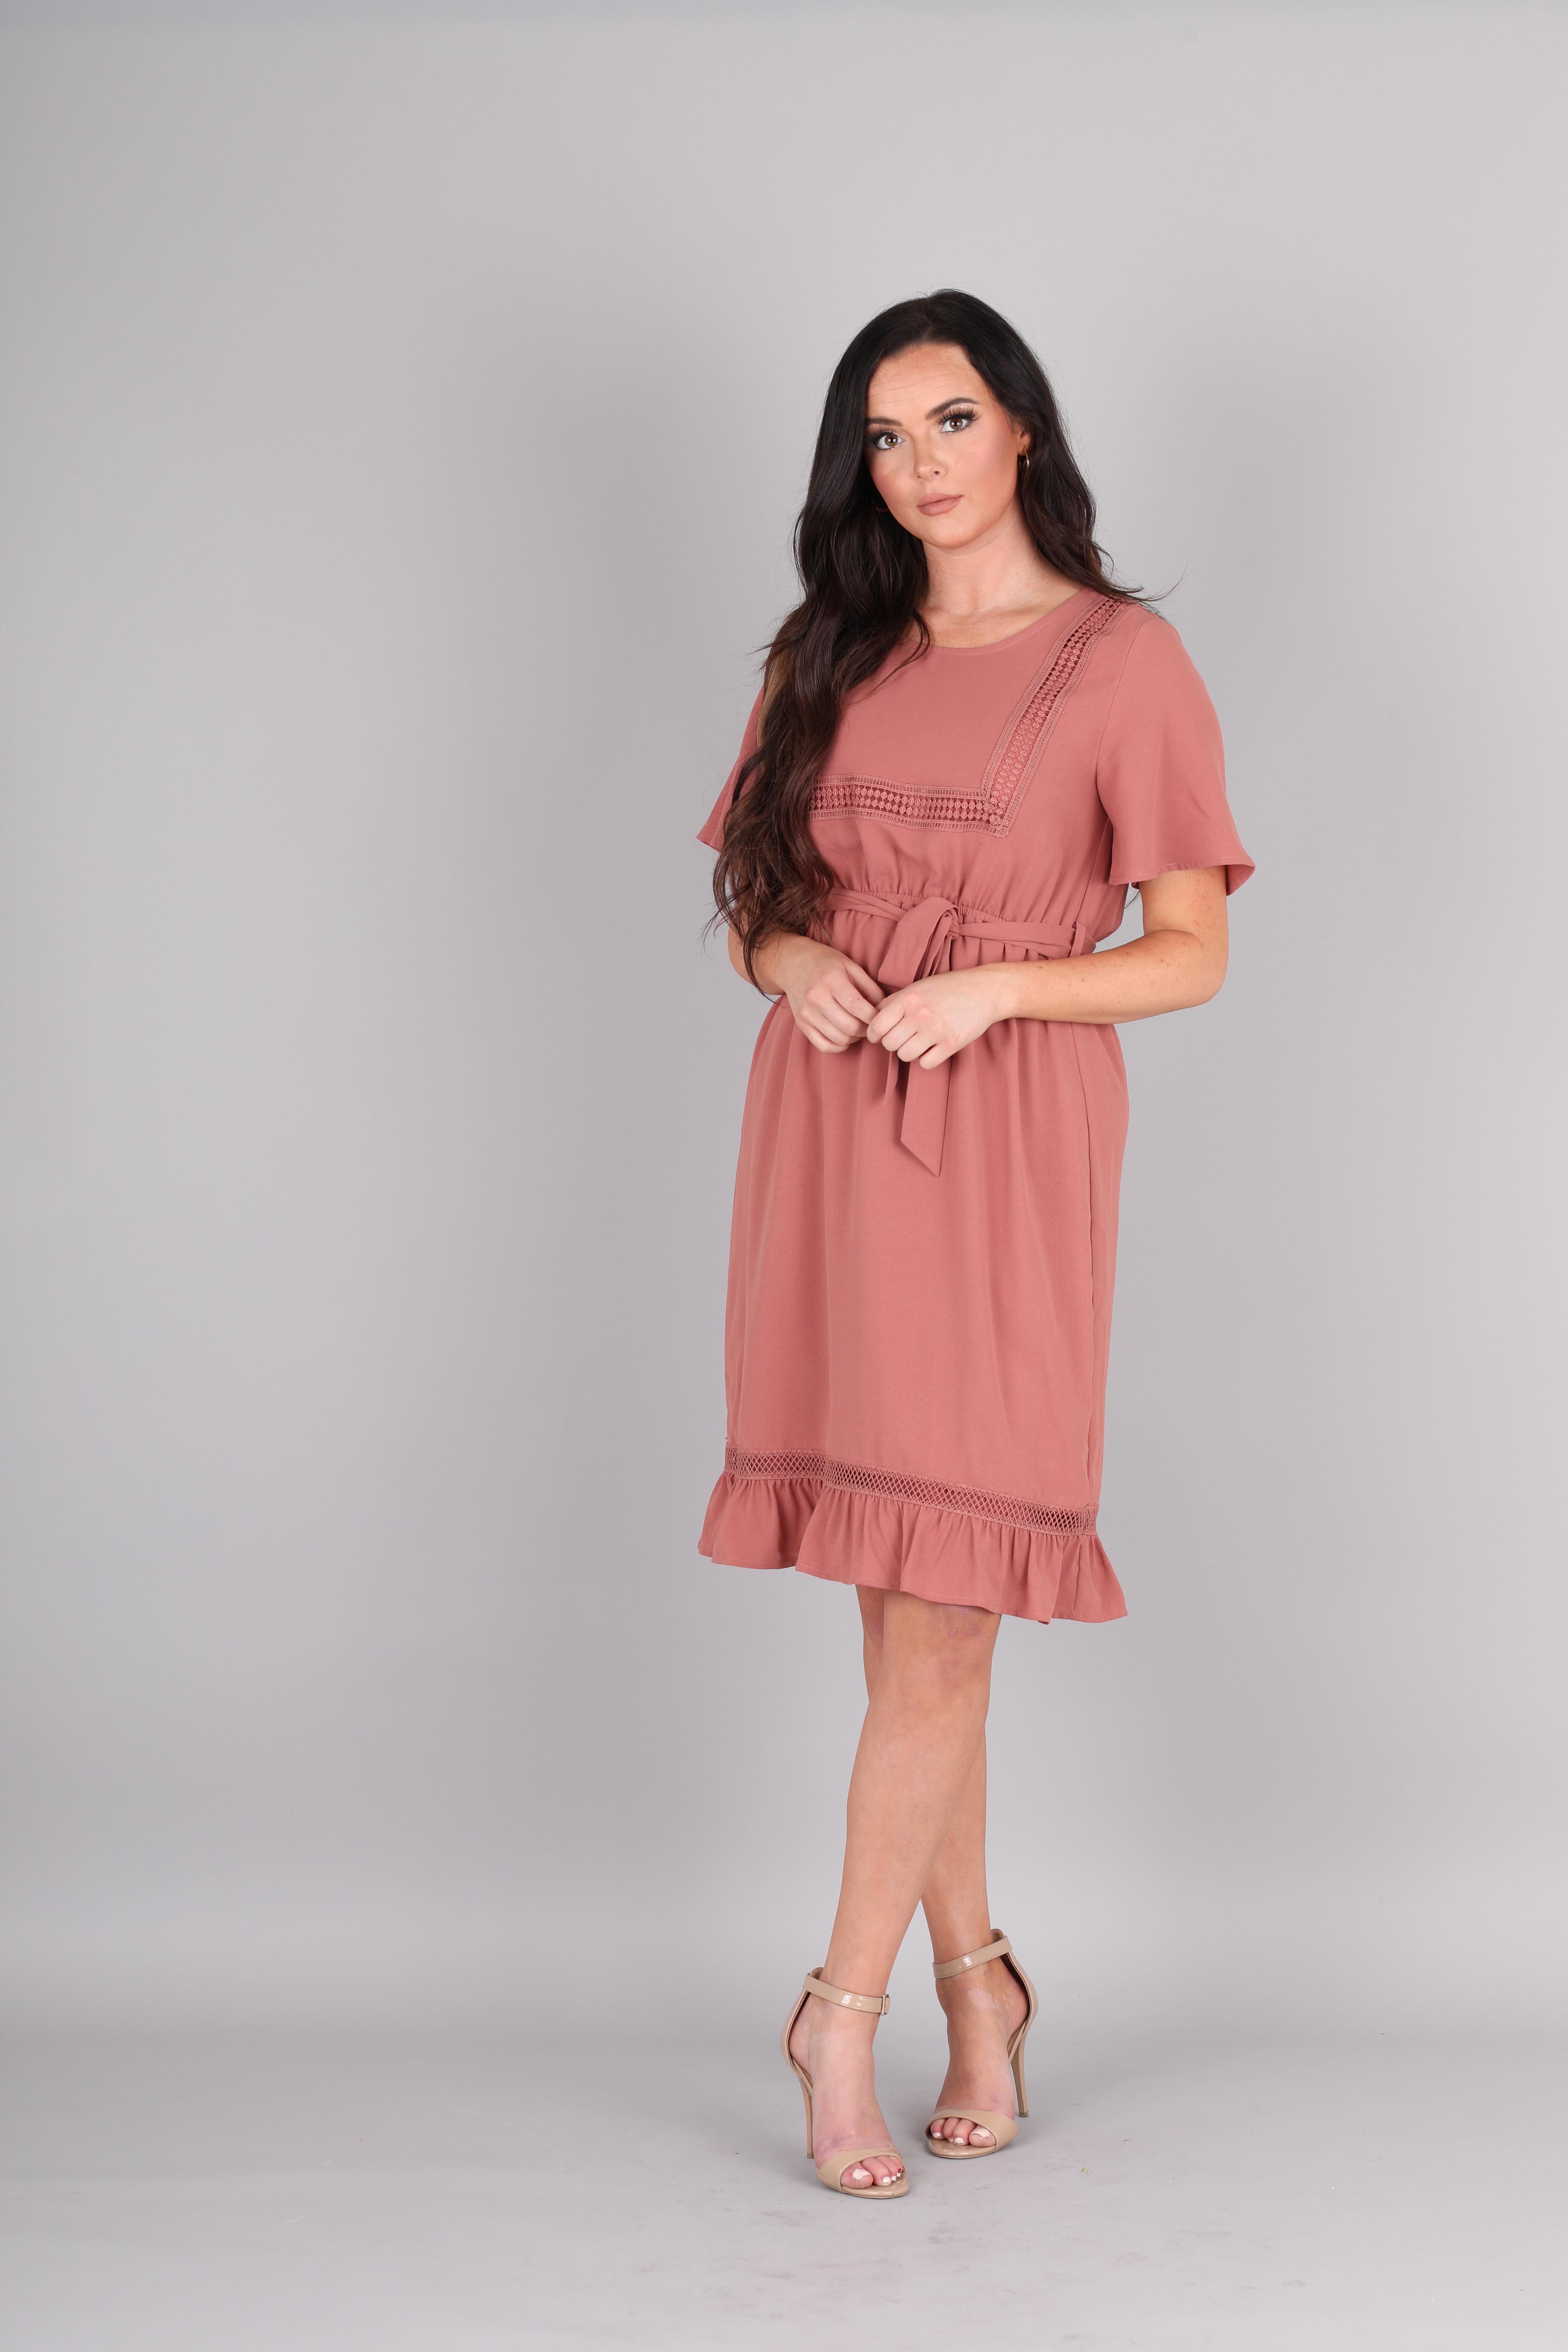 Mikarose Skyler Dress-Ash Rose